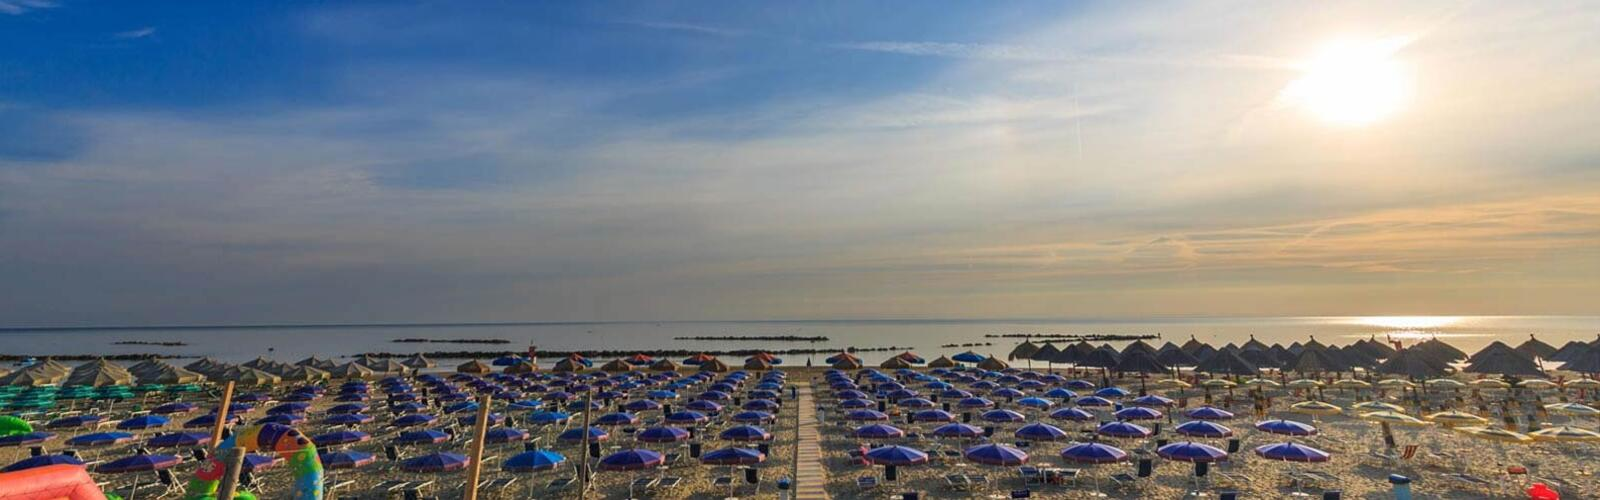 hotellaninfea it spiaggia 002